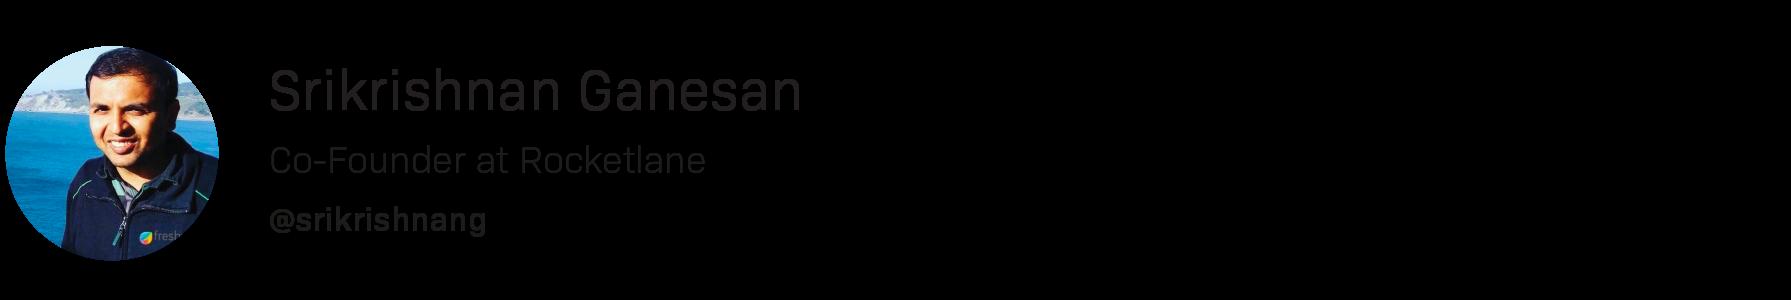 srikrishnan ganesan